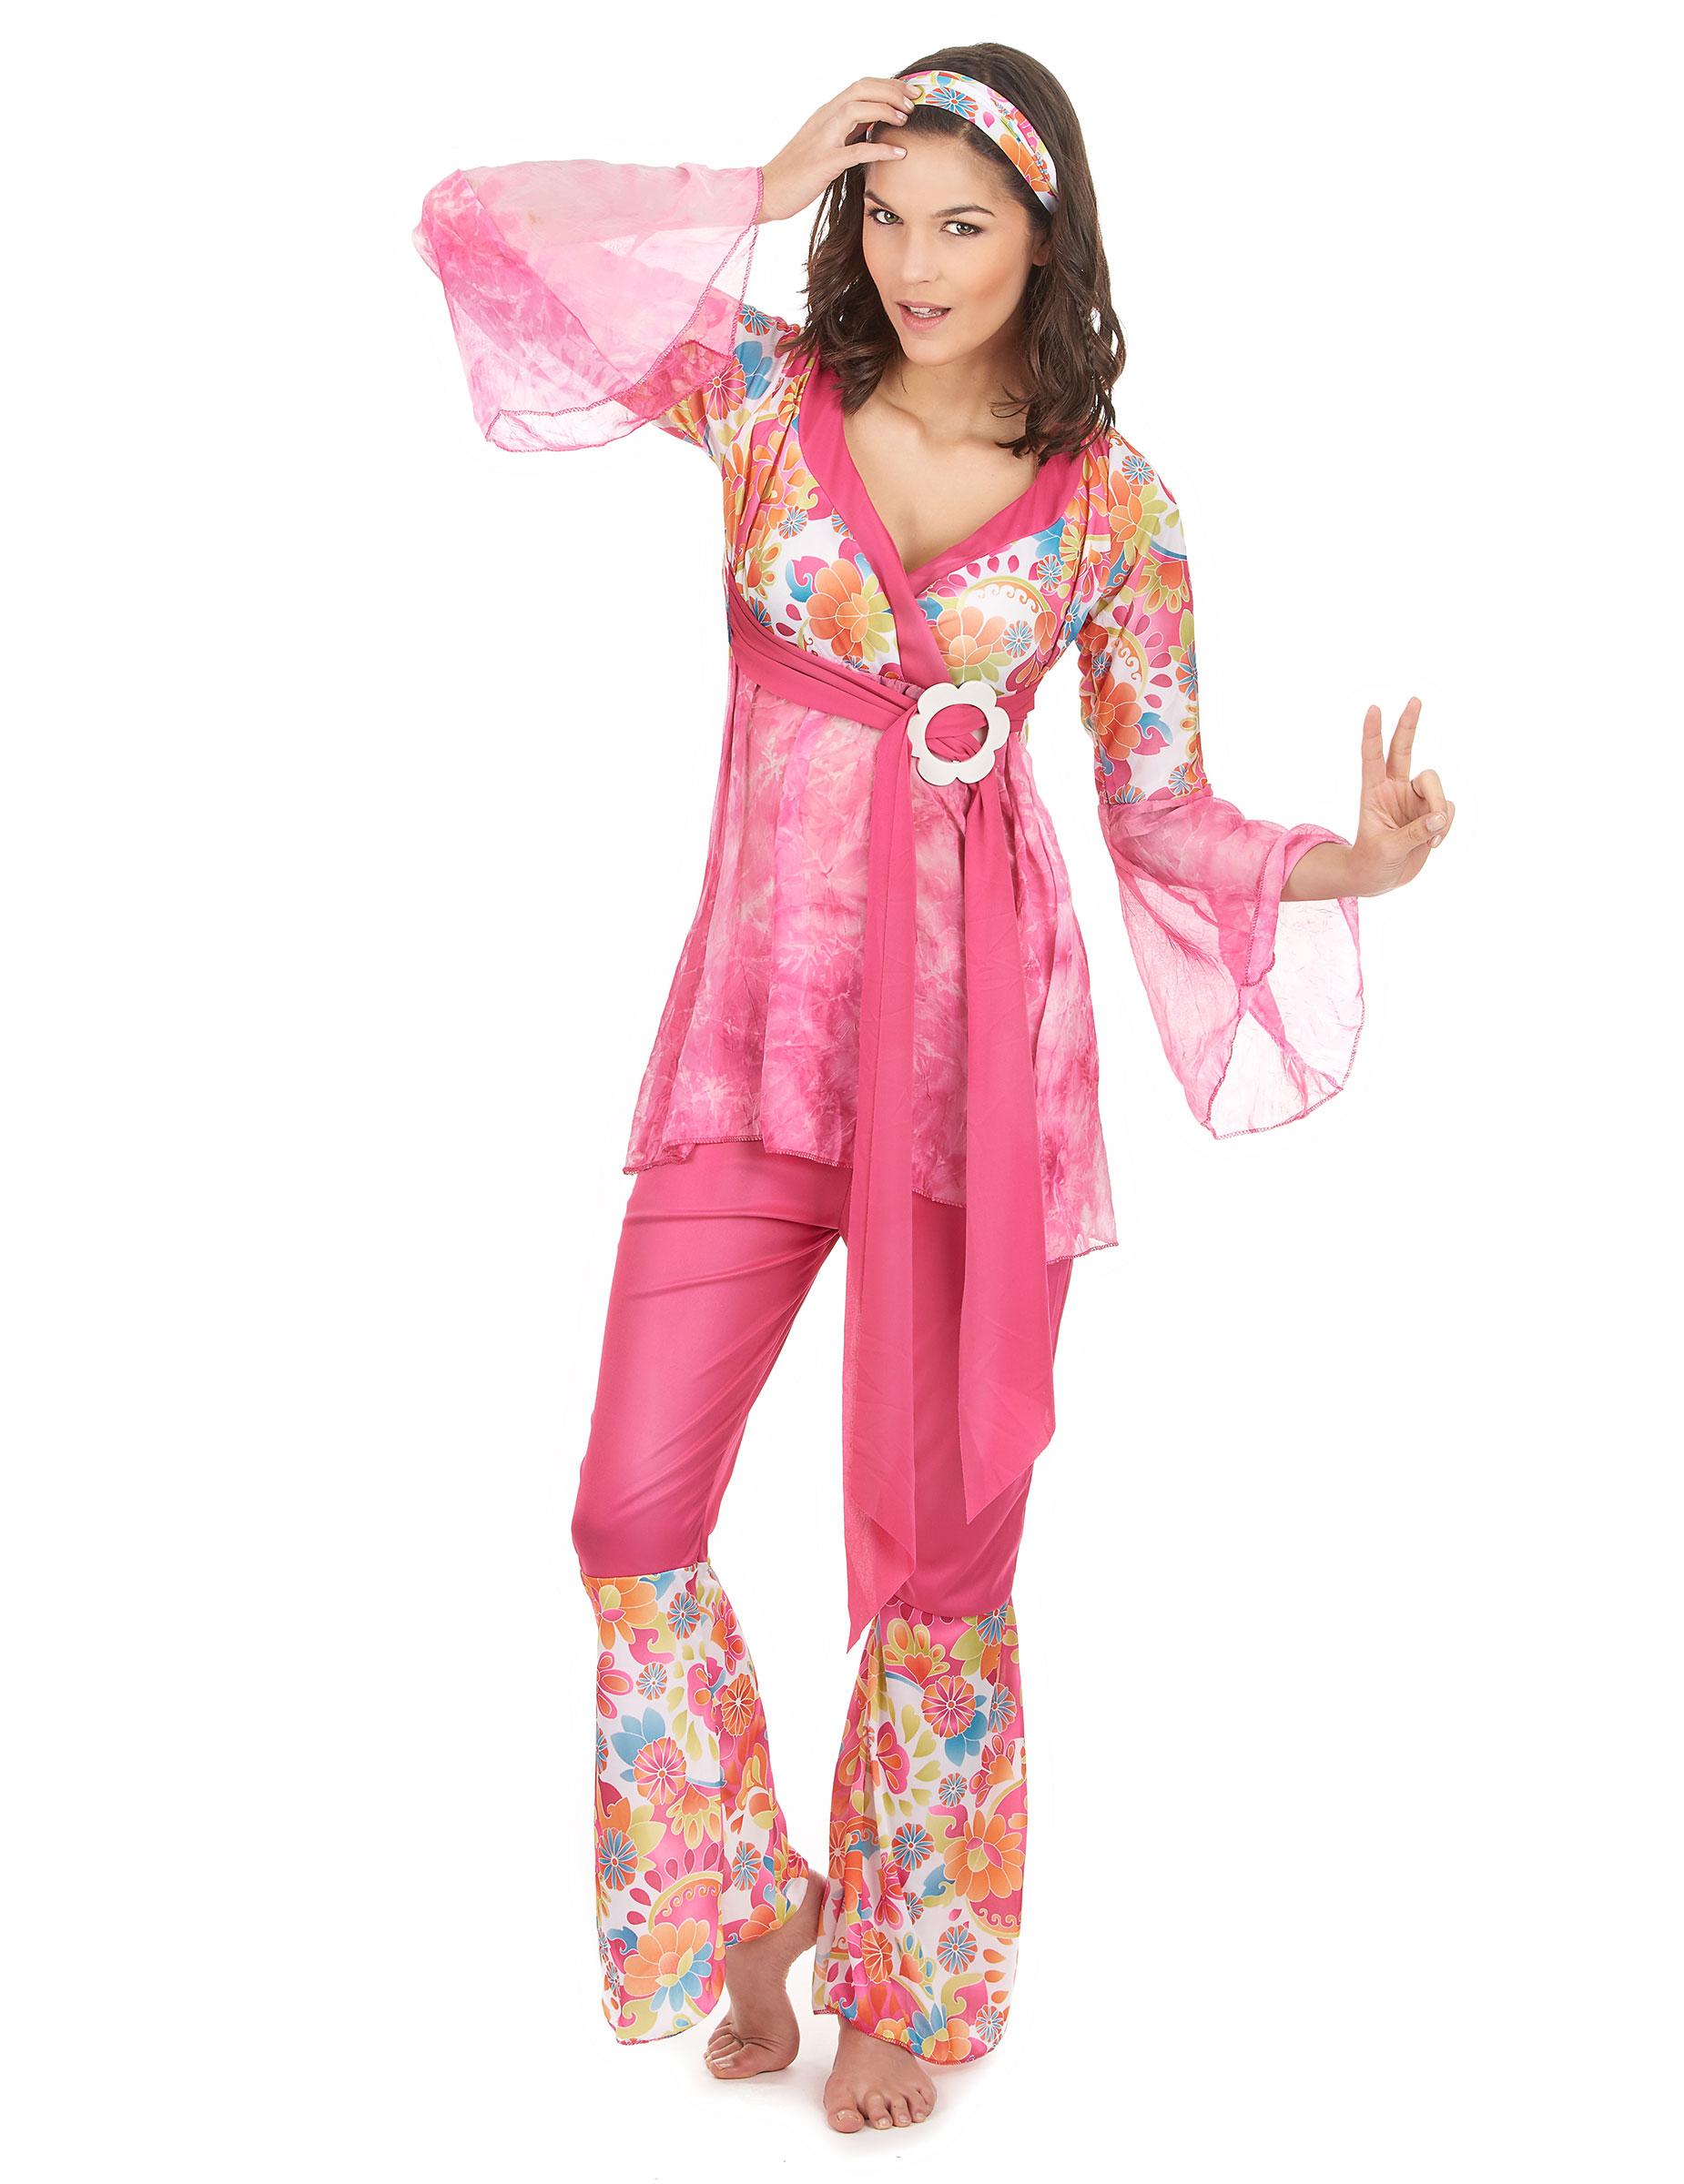 70s Hippie Look Bed Mattress Sale